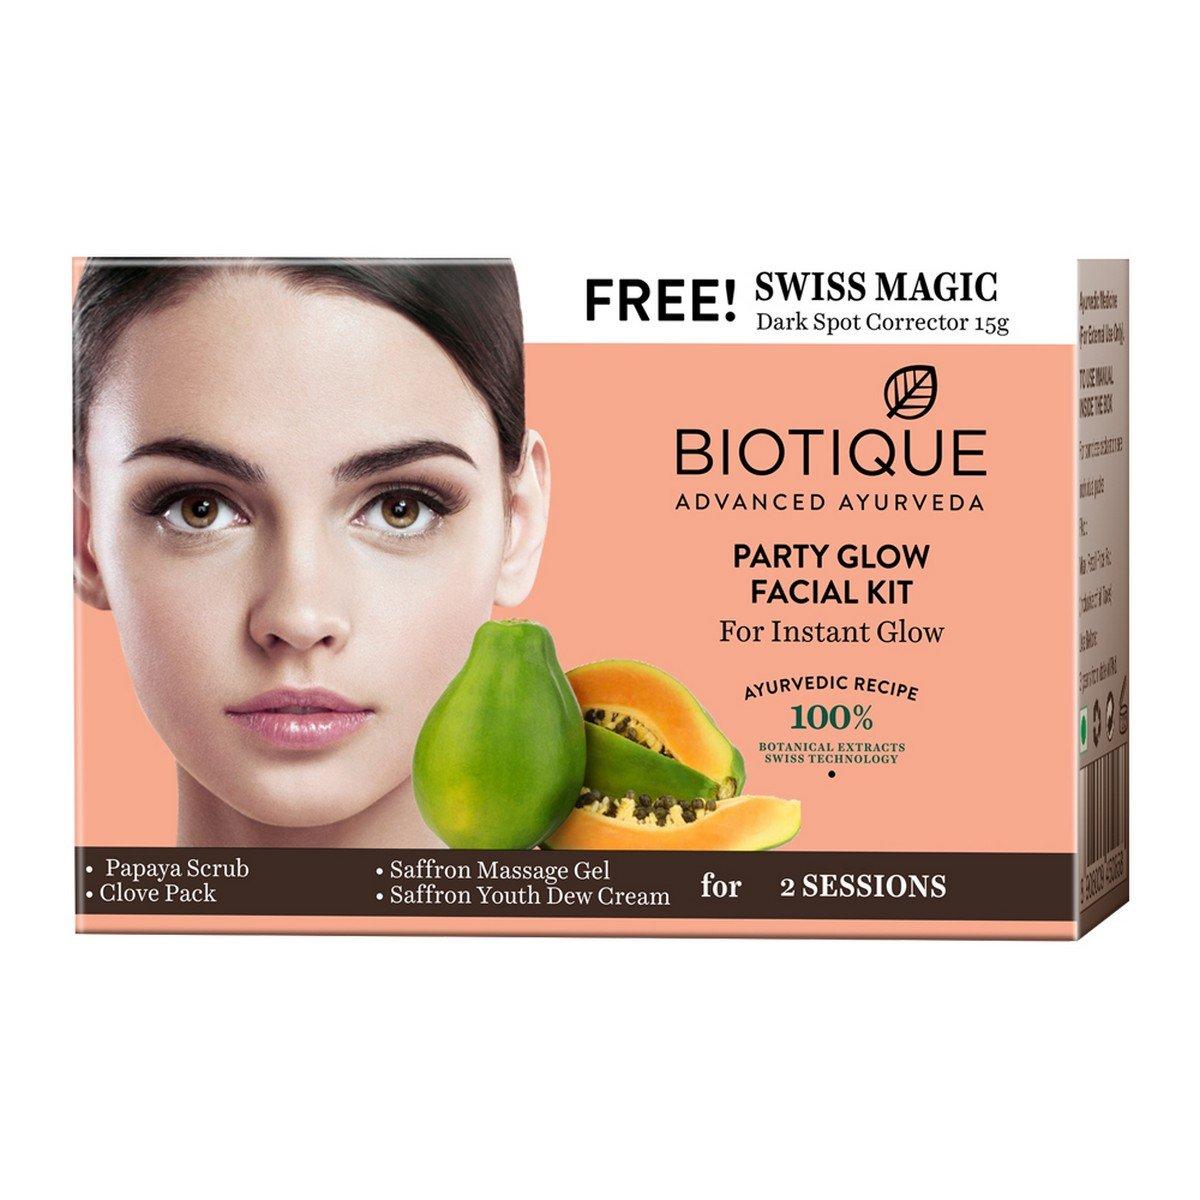 Biotique Party Glow Facial Kit